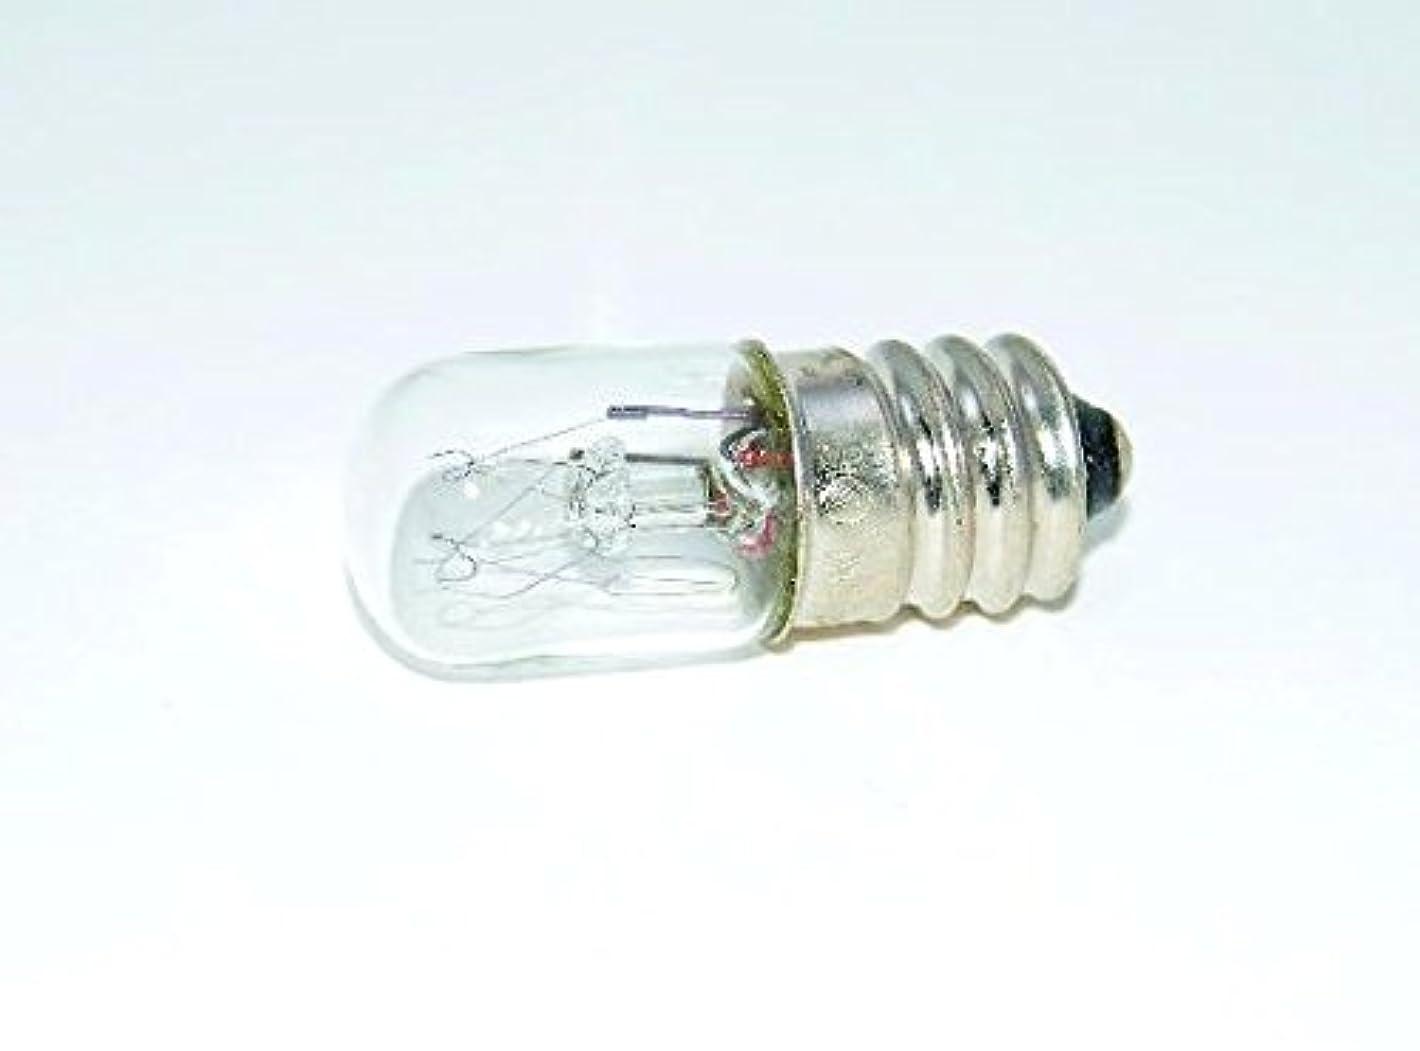 最悪届ける広範囲にアロマライト 替用 5W電球 ミニ 1個